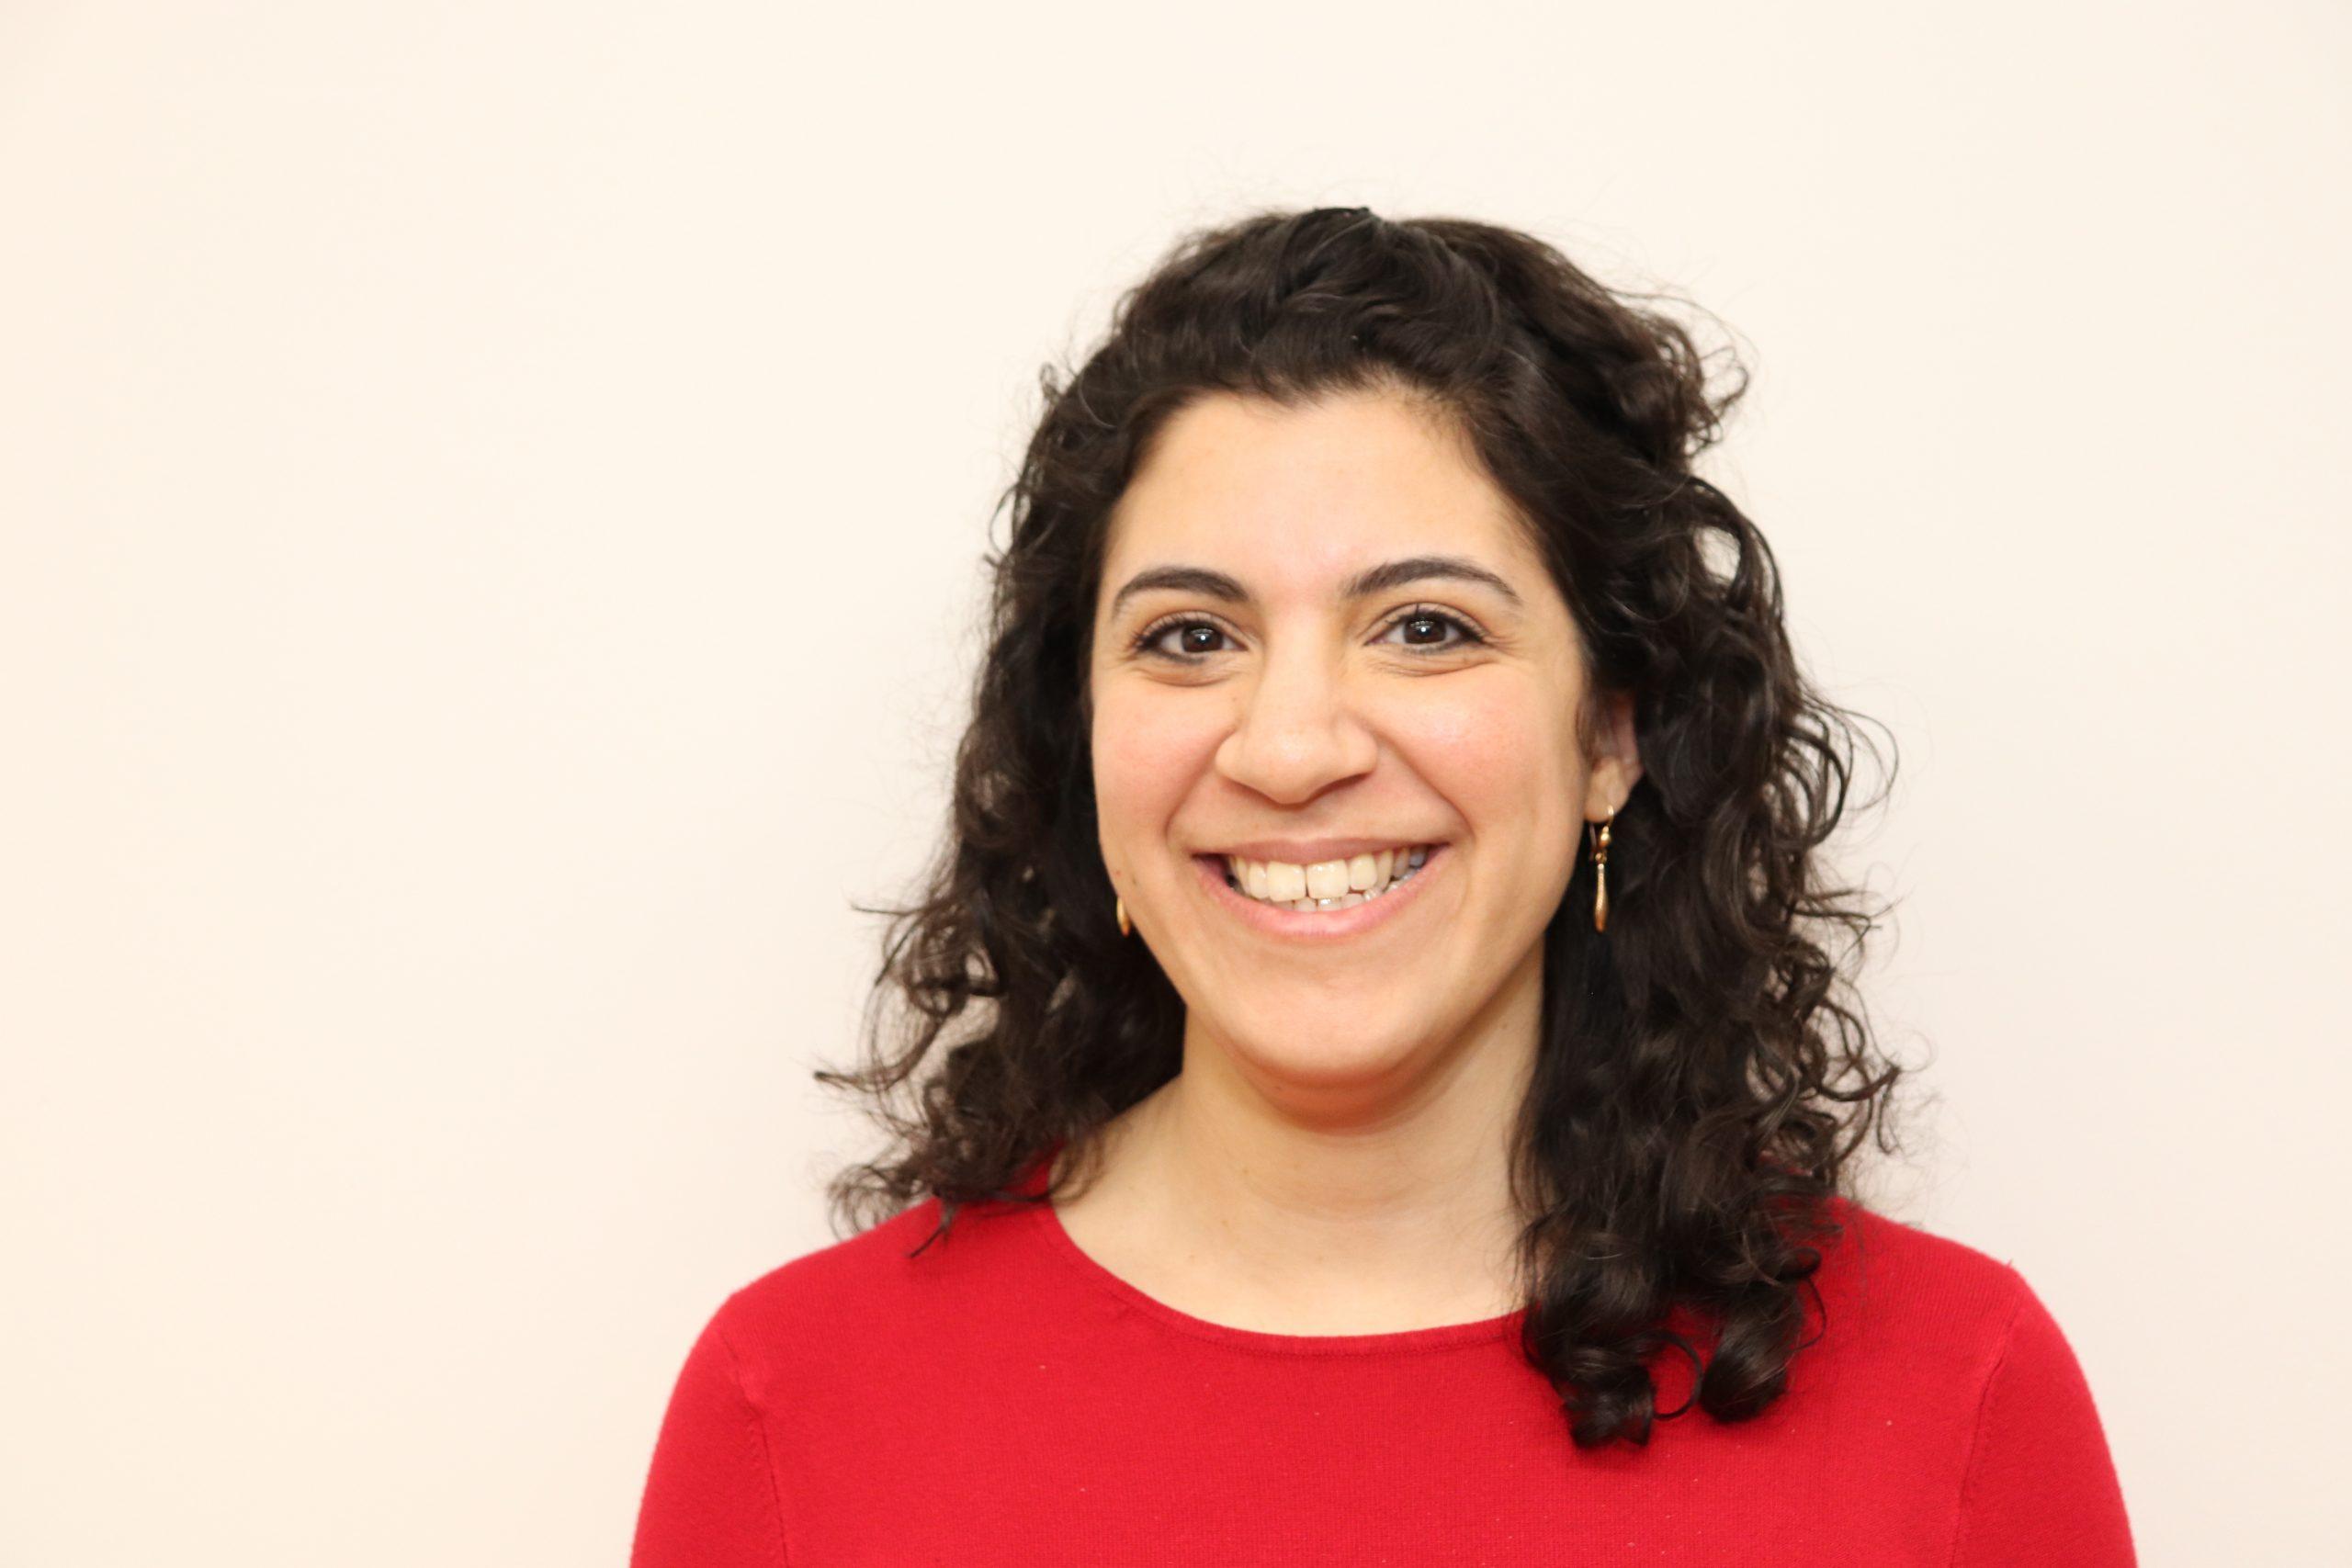 Dina Adlouni